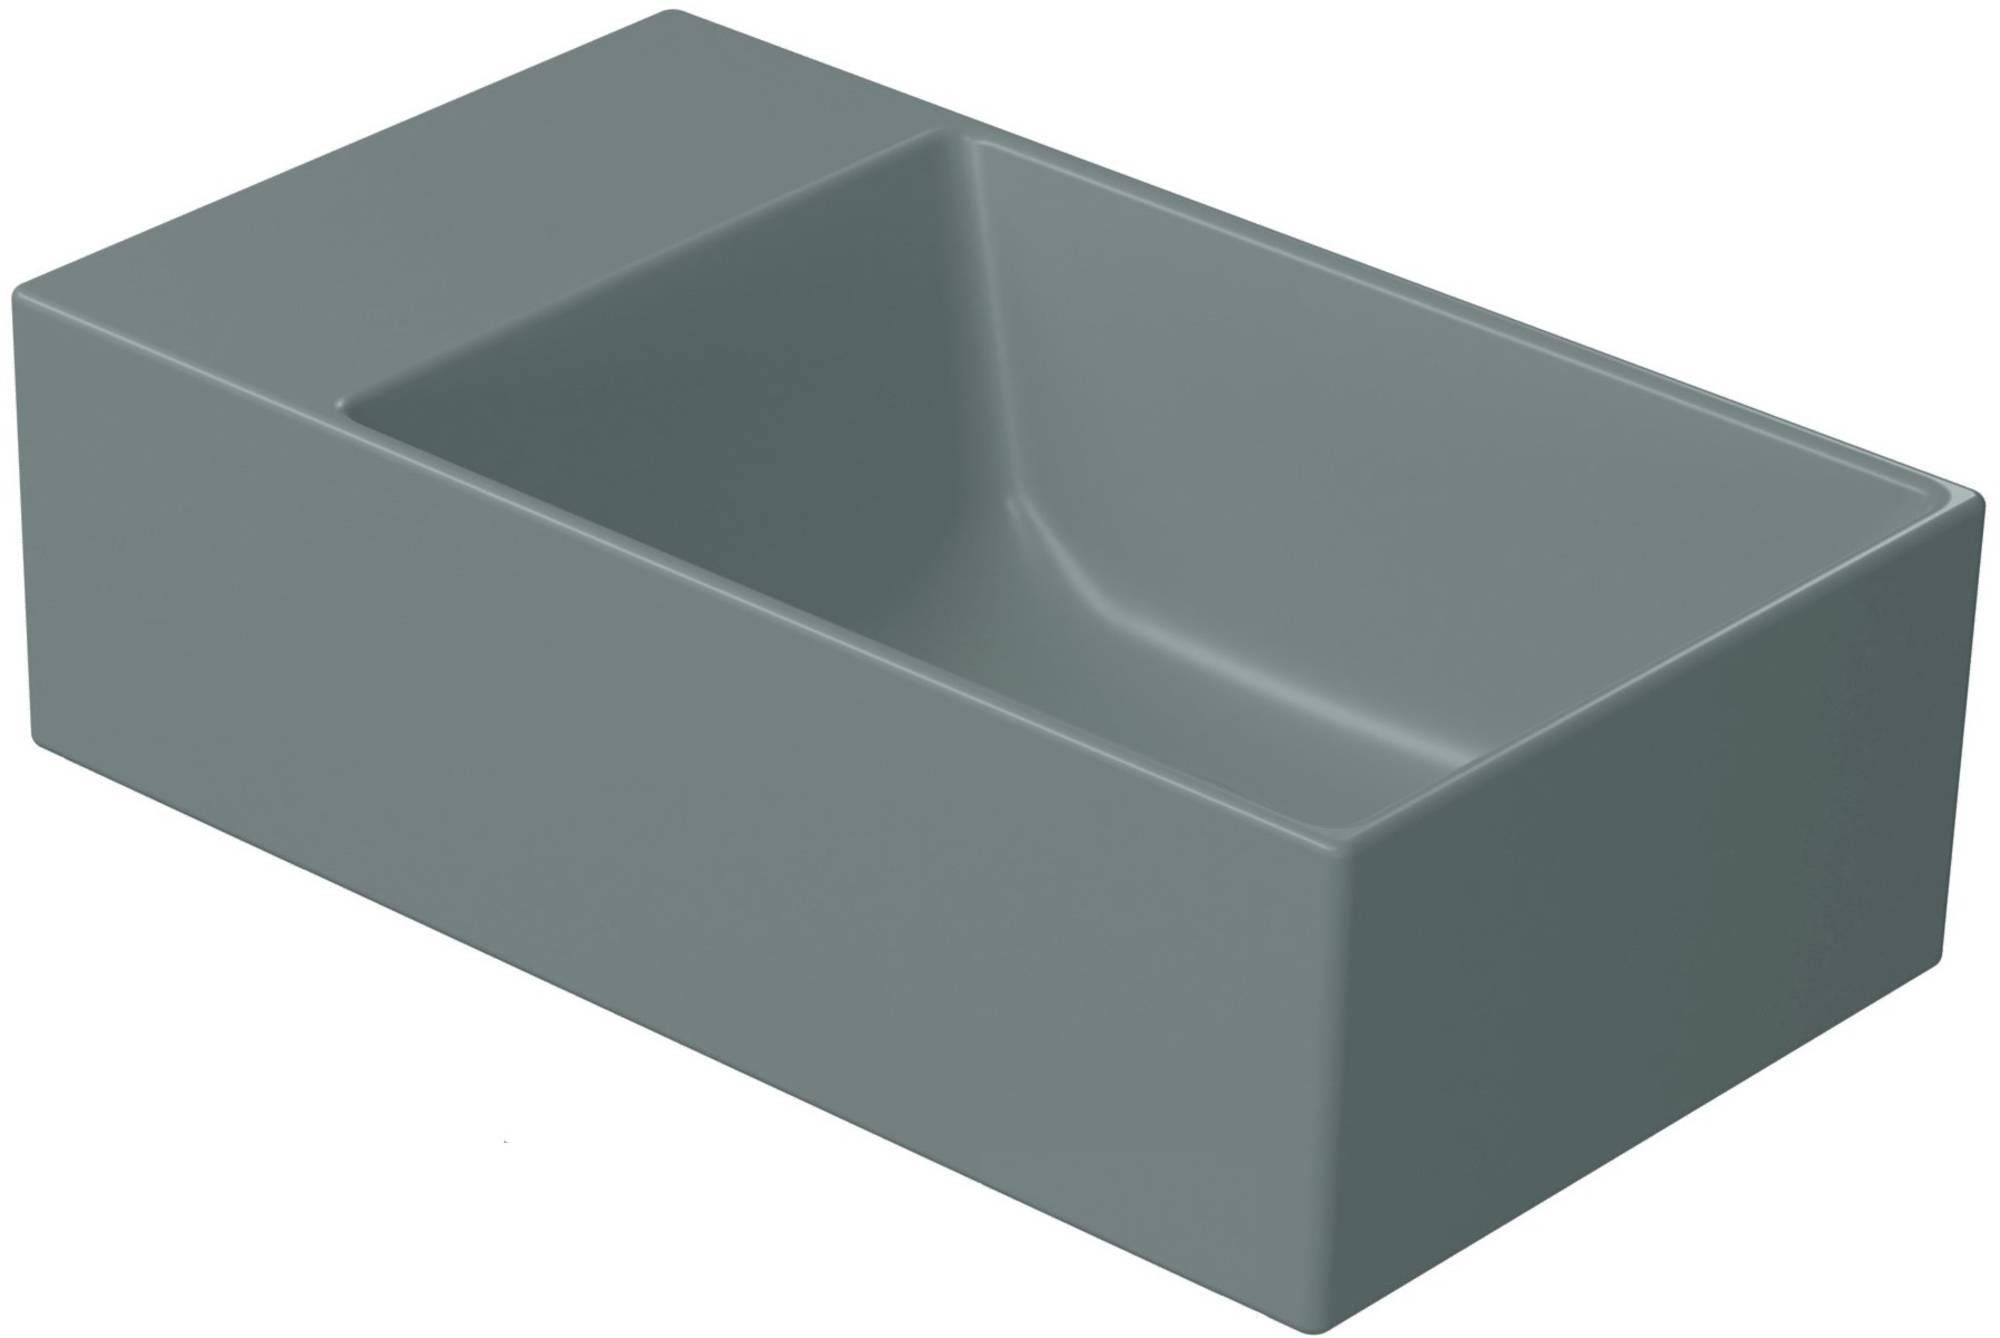 Ben Stelvio Fontein 40x23x12 cm 0 krg Donker Groen